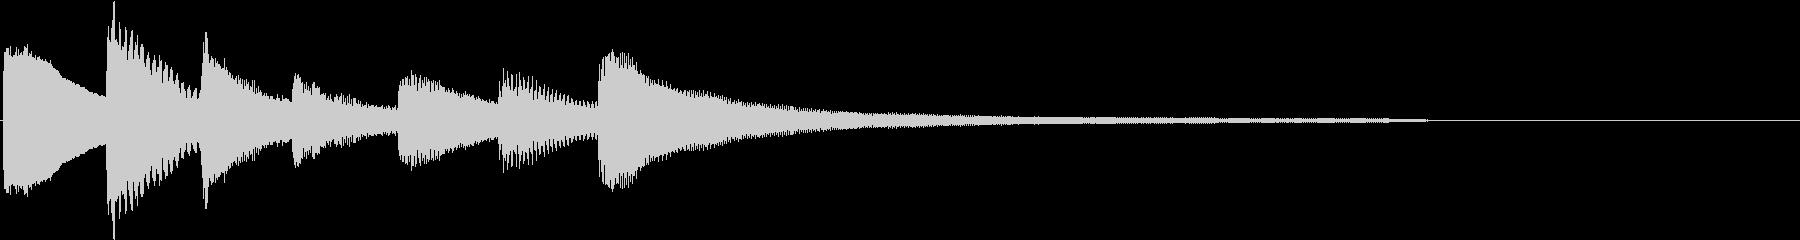 生演奏:静かに話しかけるようなピアノの未再生の波形